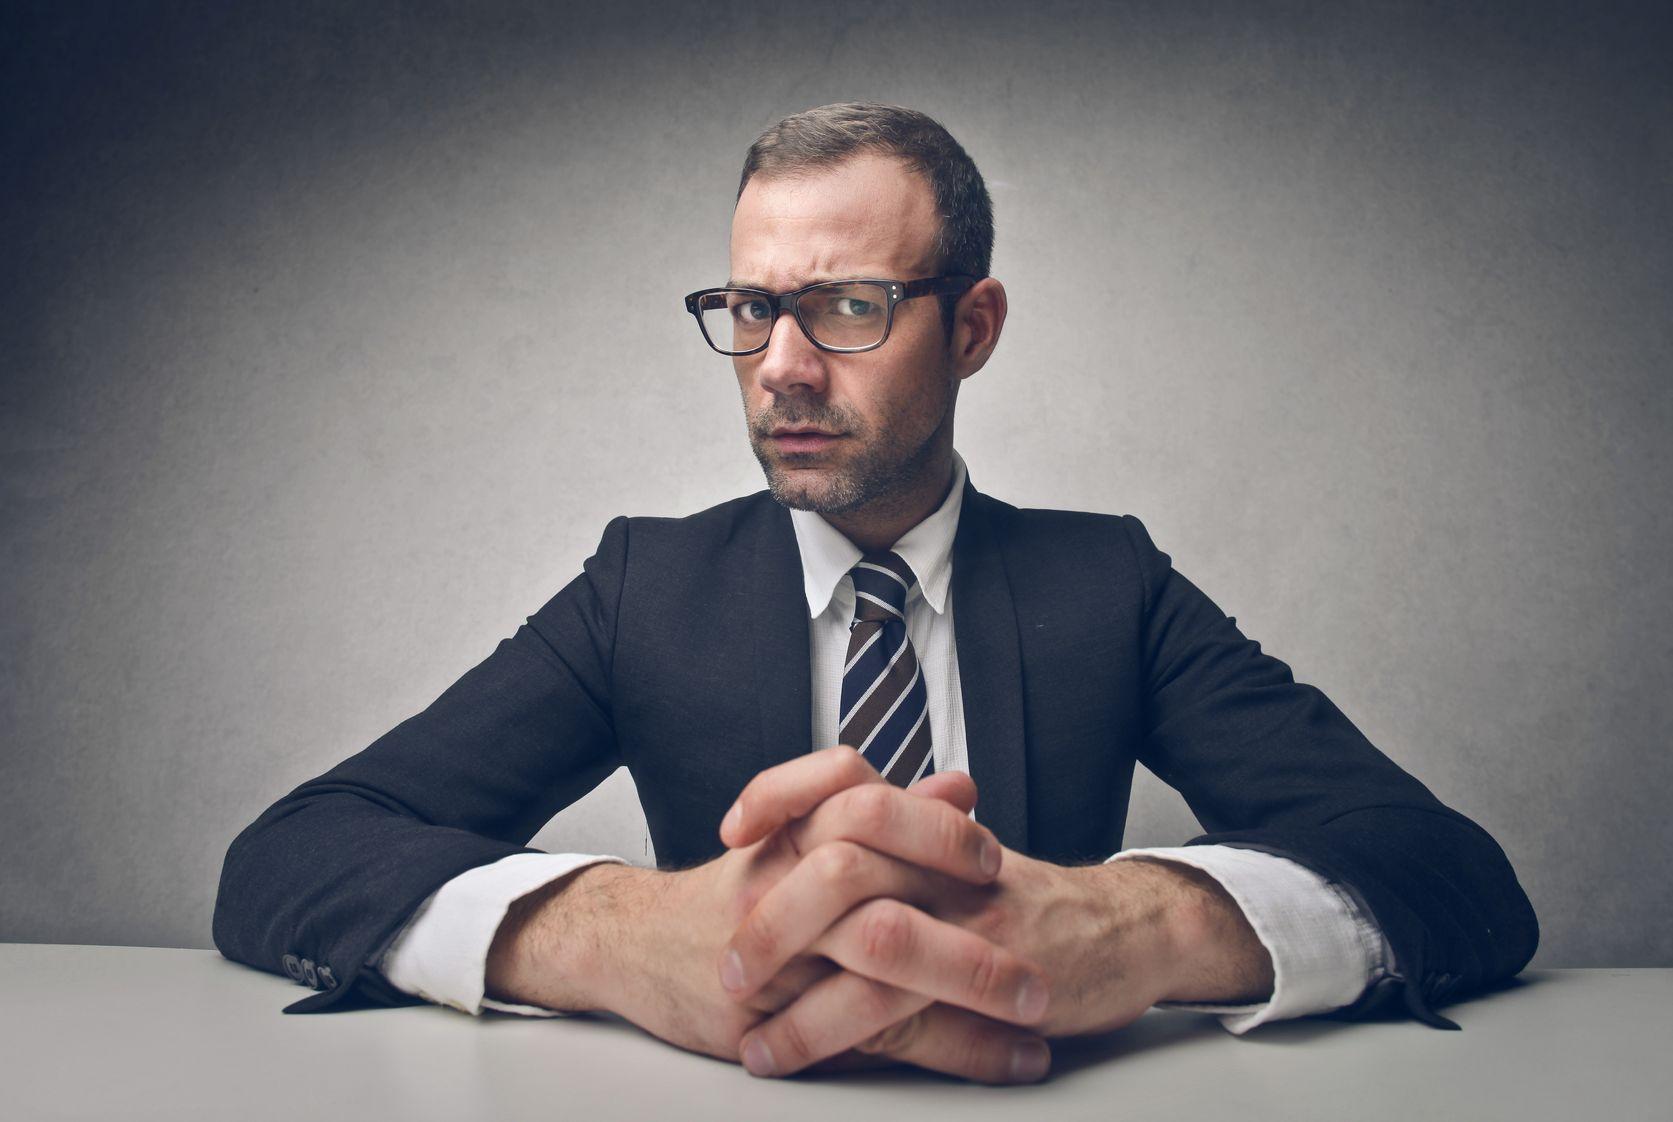 Как вести себя на собеседовании правильно: советы психолога, видео